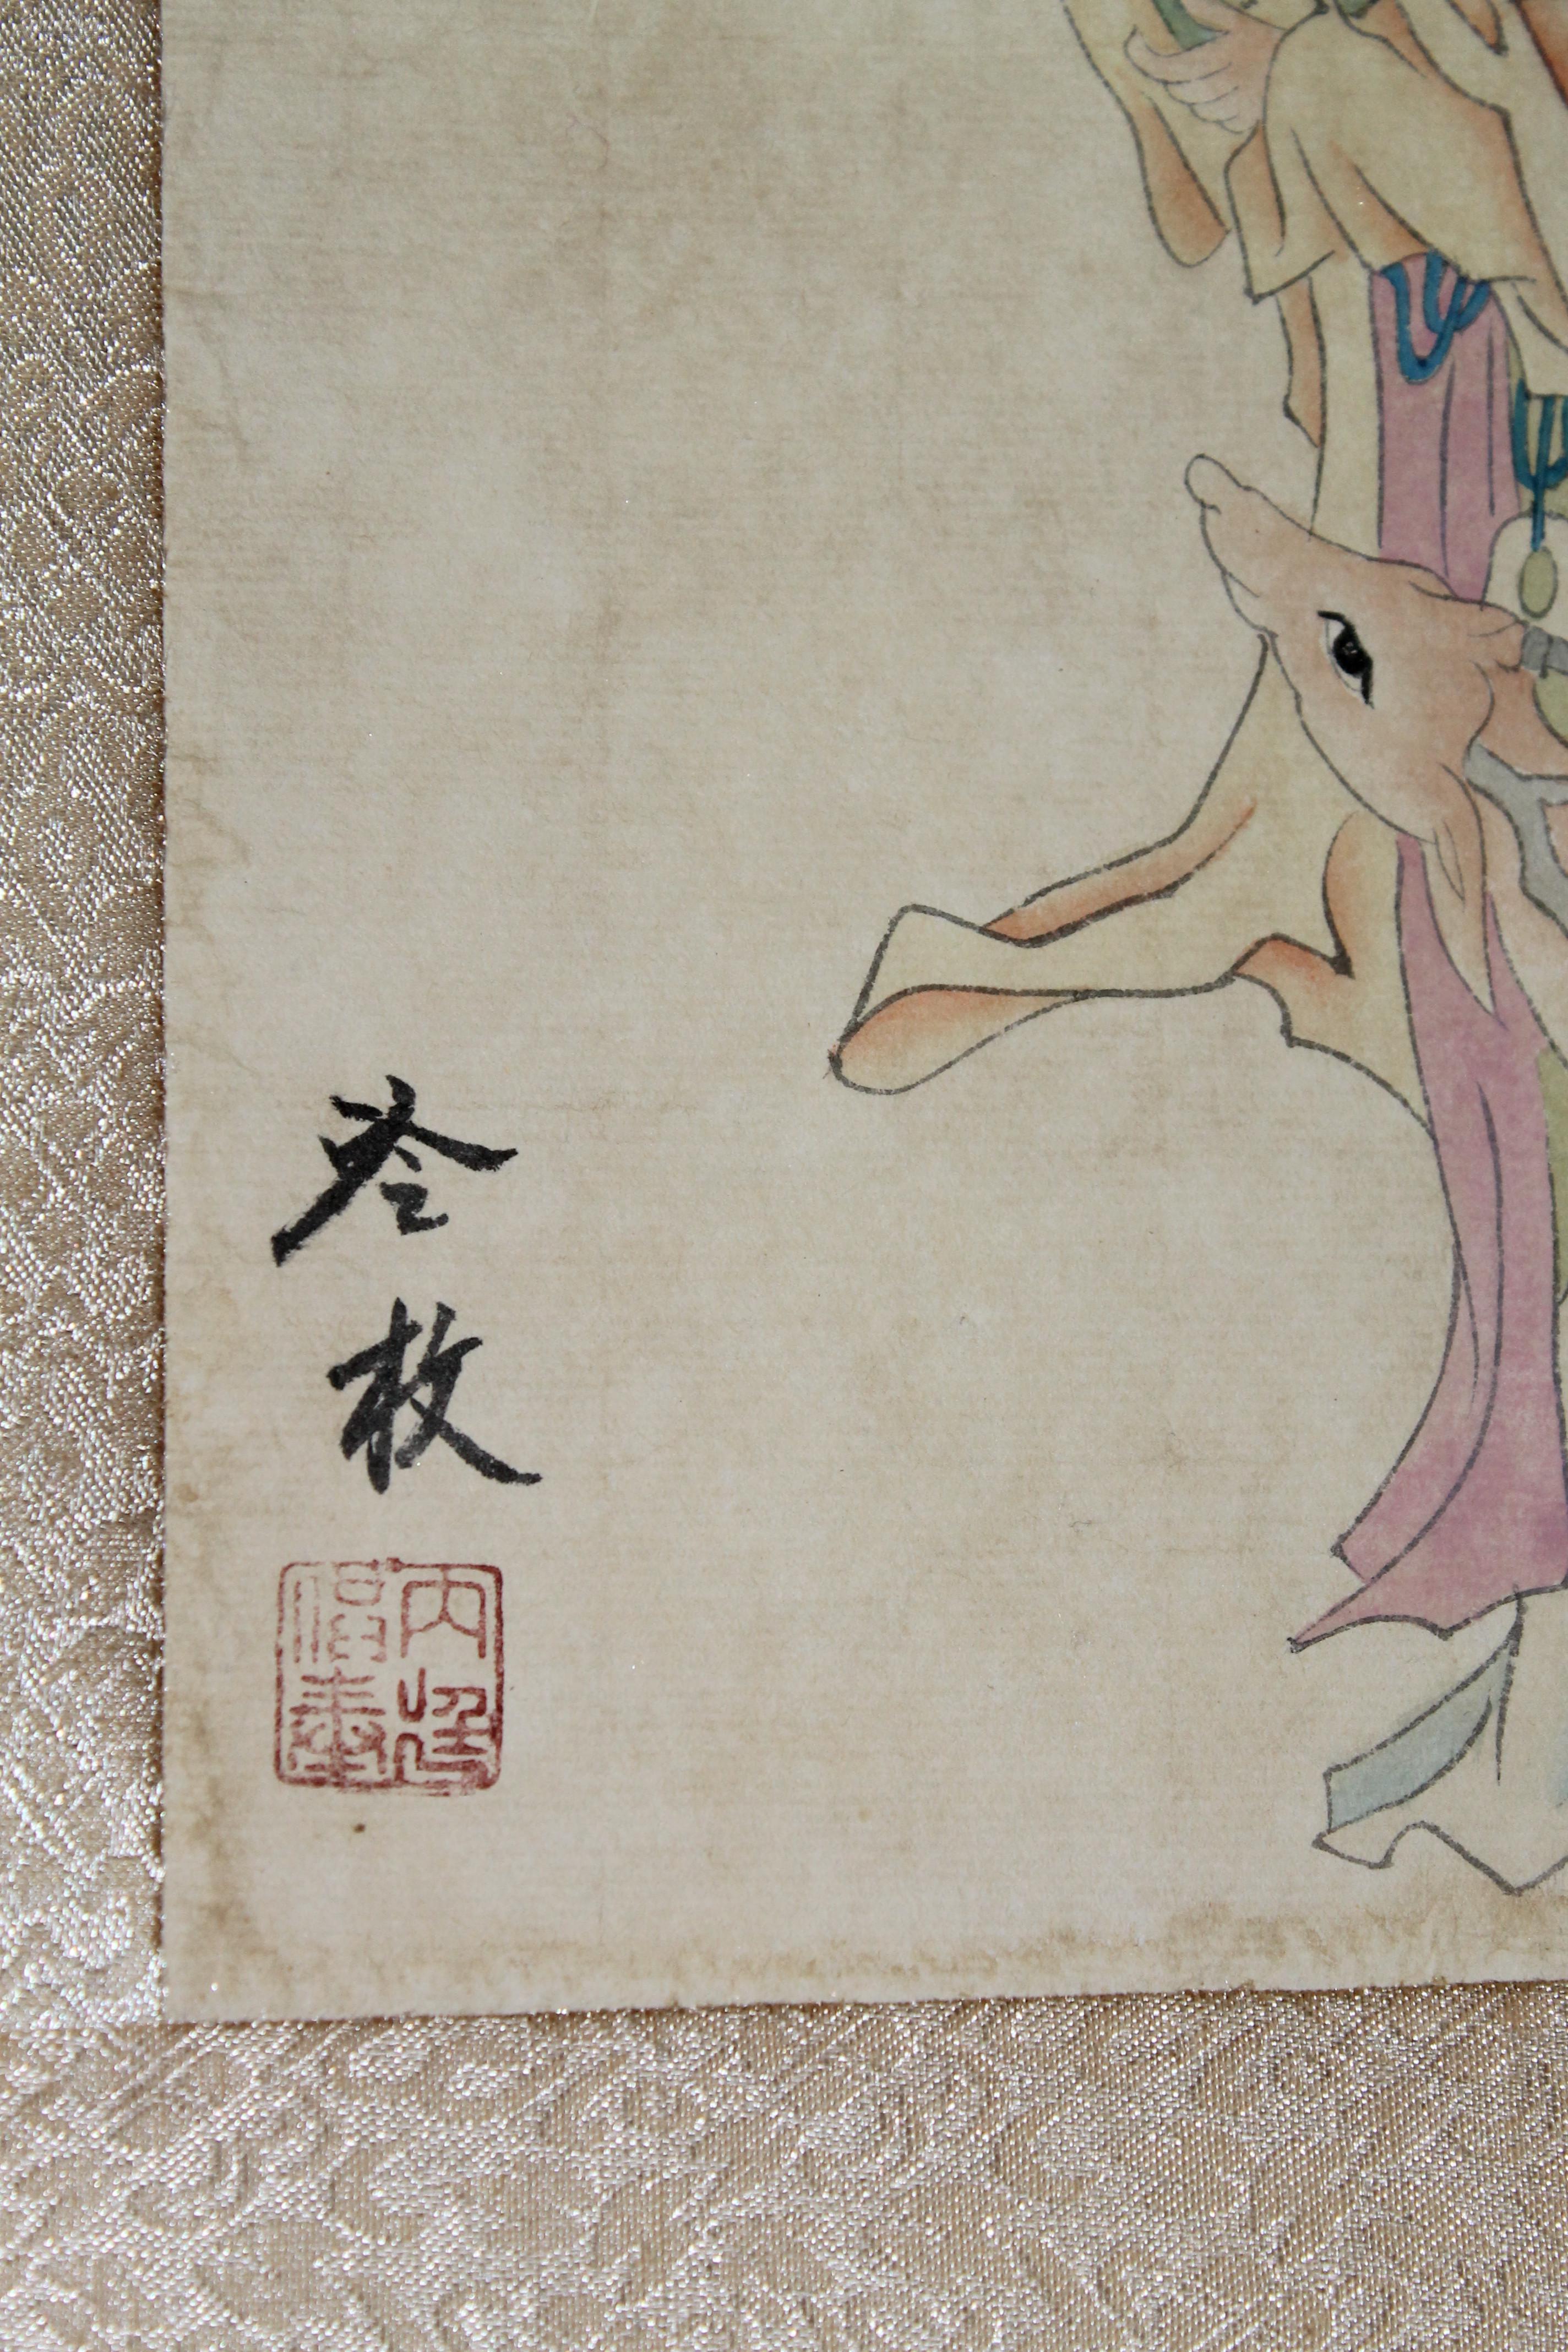 清代宫廷画家焦秉贞仕女图,值得欣赏,感谢分享转发